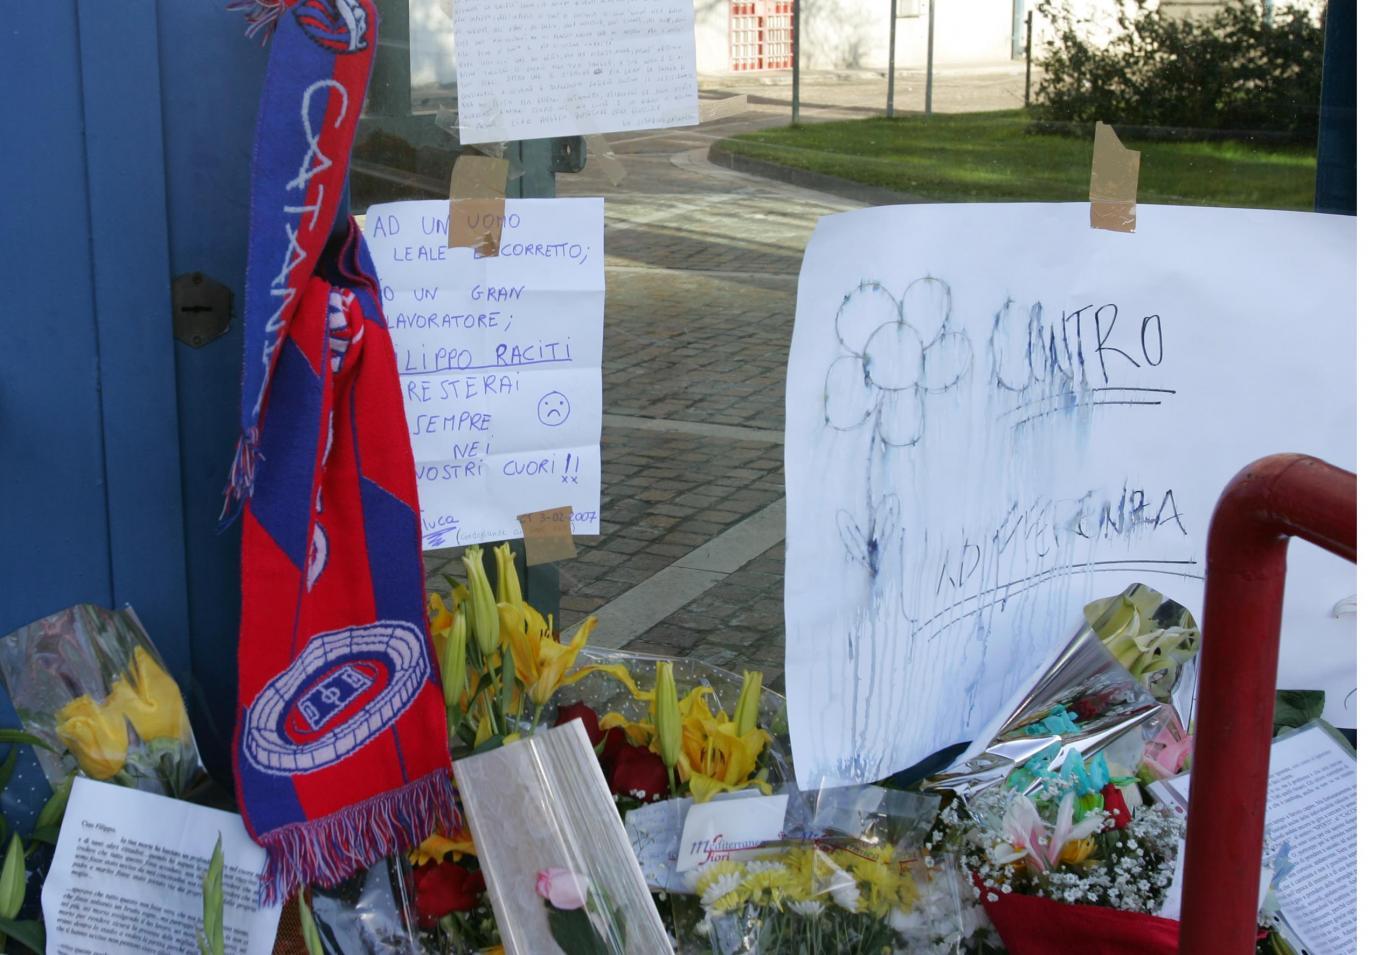 Morte di Filippo Raciti: 10 anni fa il tragico derby Catania-Palermo